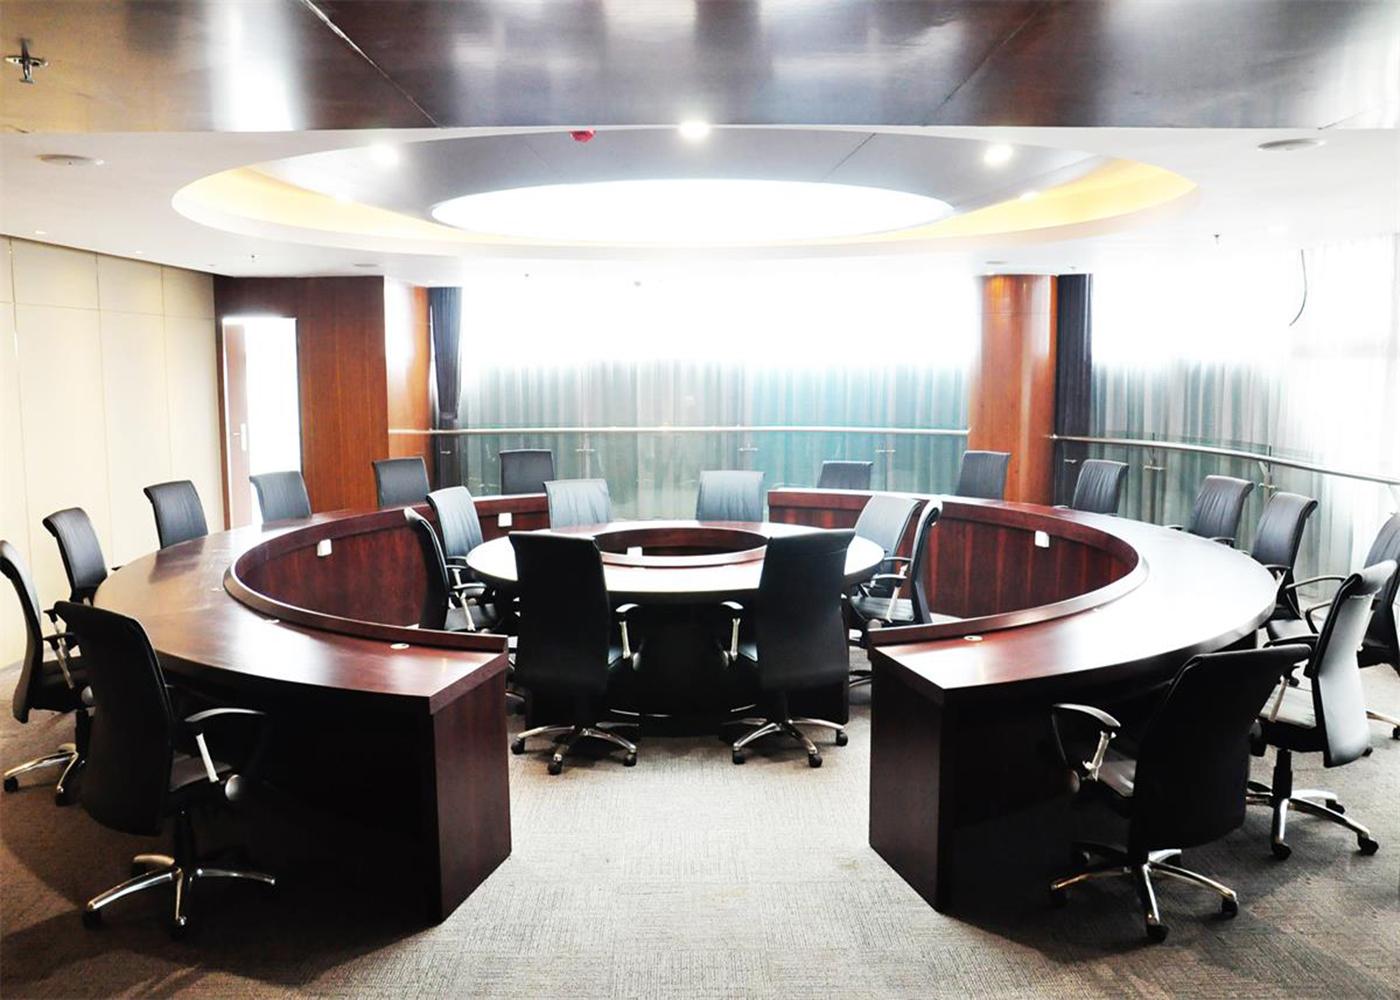 雷蒂斯会议桌A13,上海会议桌,【尺寸 价格 图片 品牌】